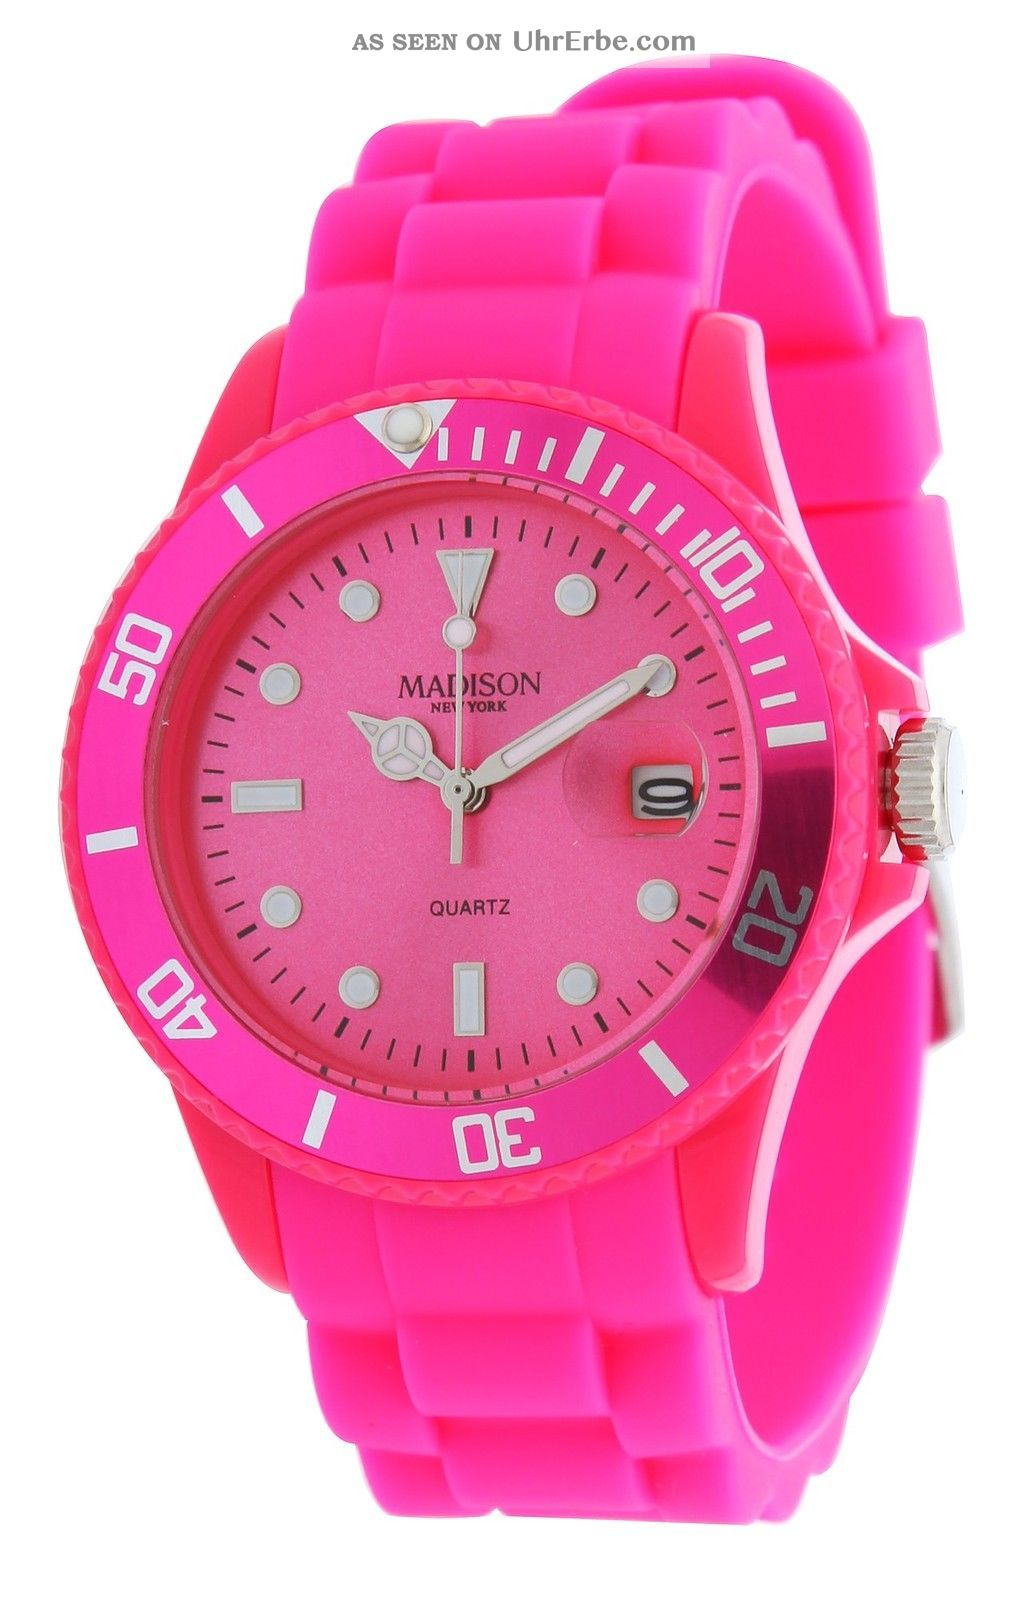 madison n y candy time damen armbanduhr uhr watch pink u4167 05 1. Black Bedroom Furniture Sets. Home Design Ideas